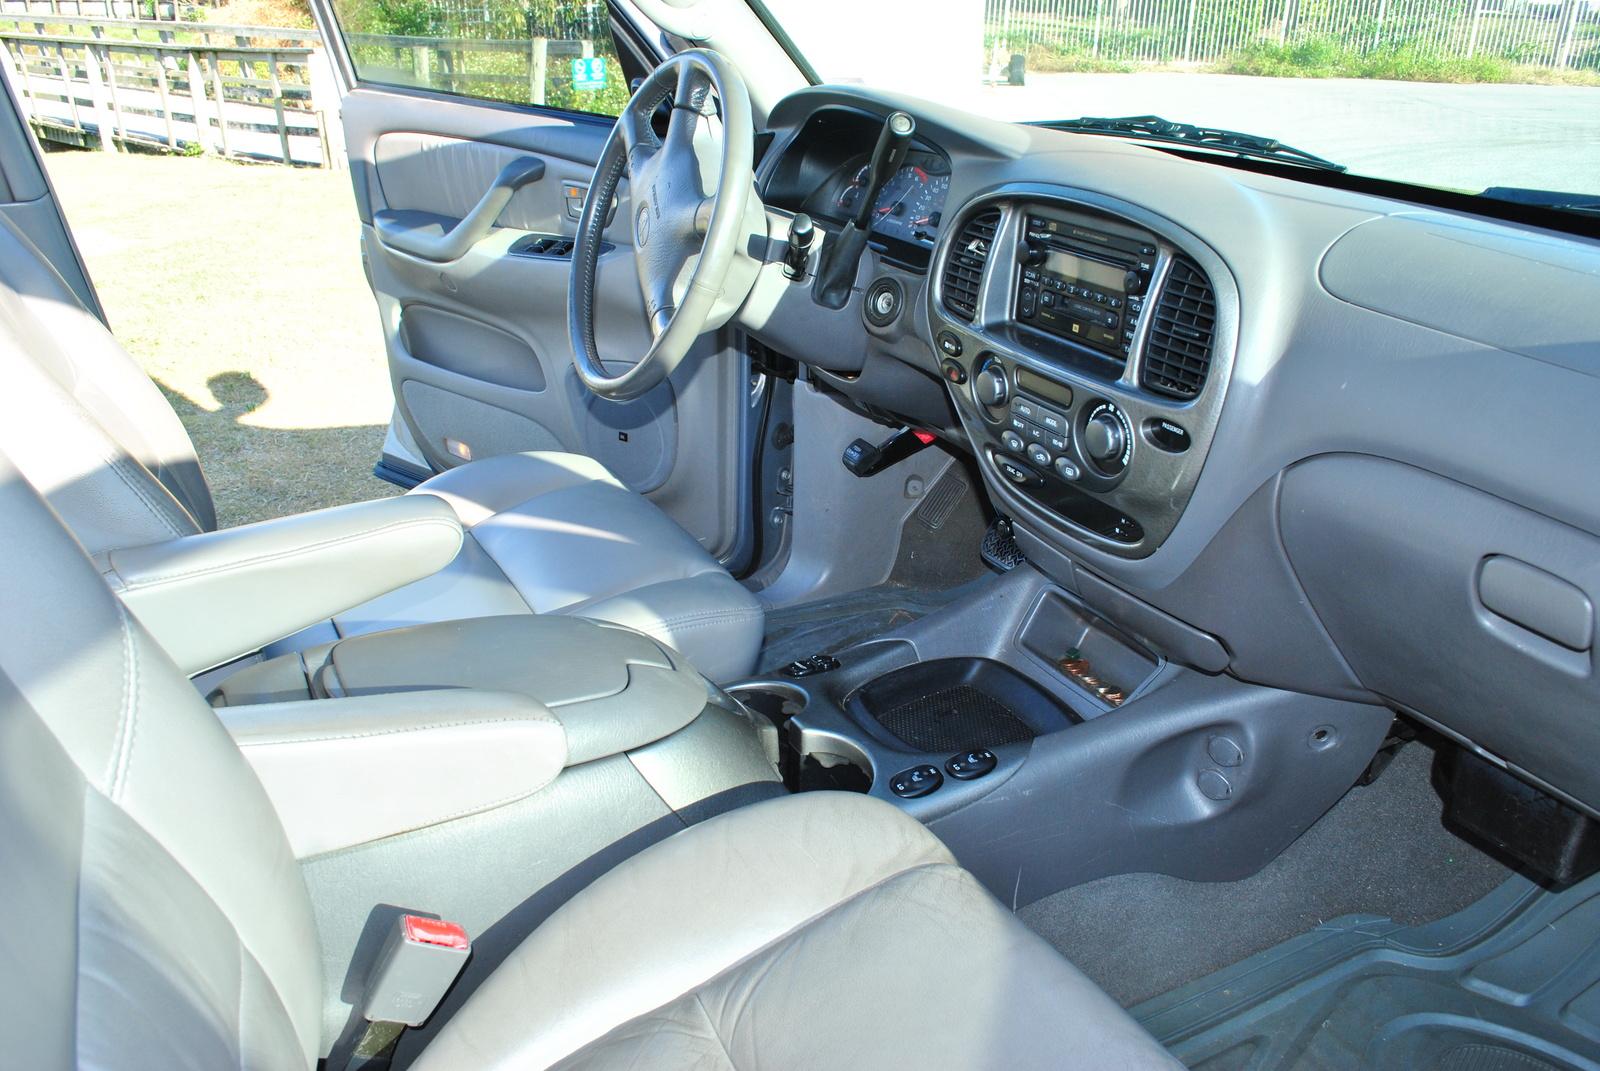 2002 toyota sequoia interior pictures cargurus - Toyota sequoia interior dimensions ...